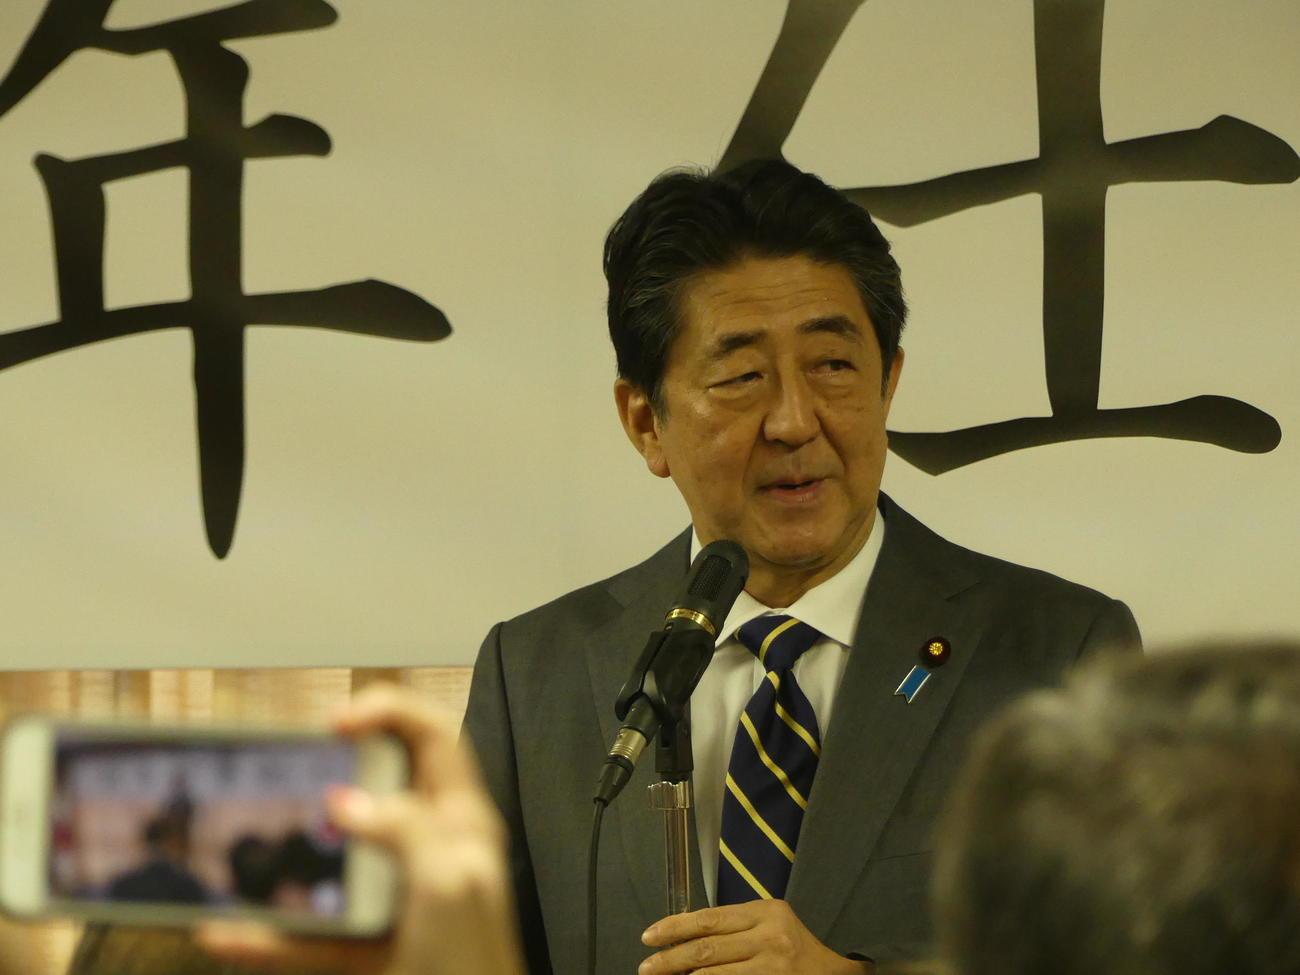 安倍晋三首相(20年1月7日)